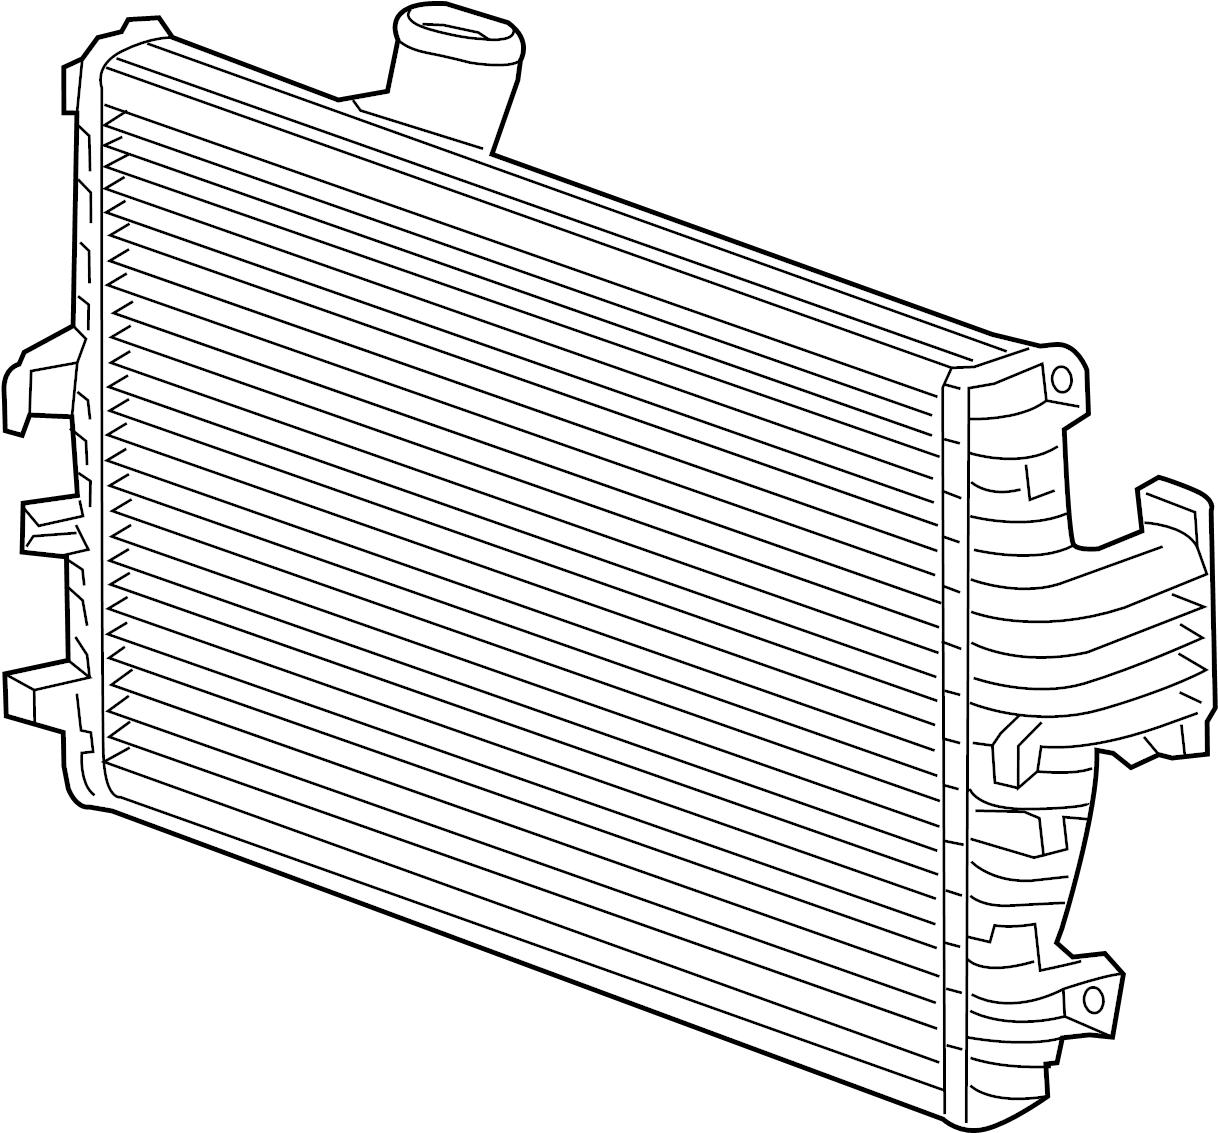 Jaguar Xf Outlet Duct Gasket Turbocharger Intercooler